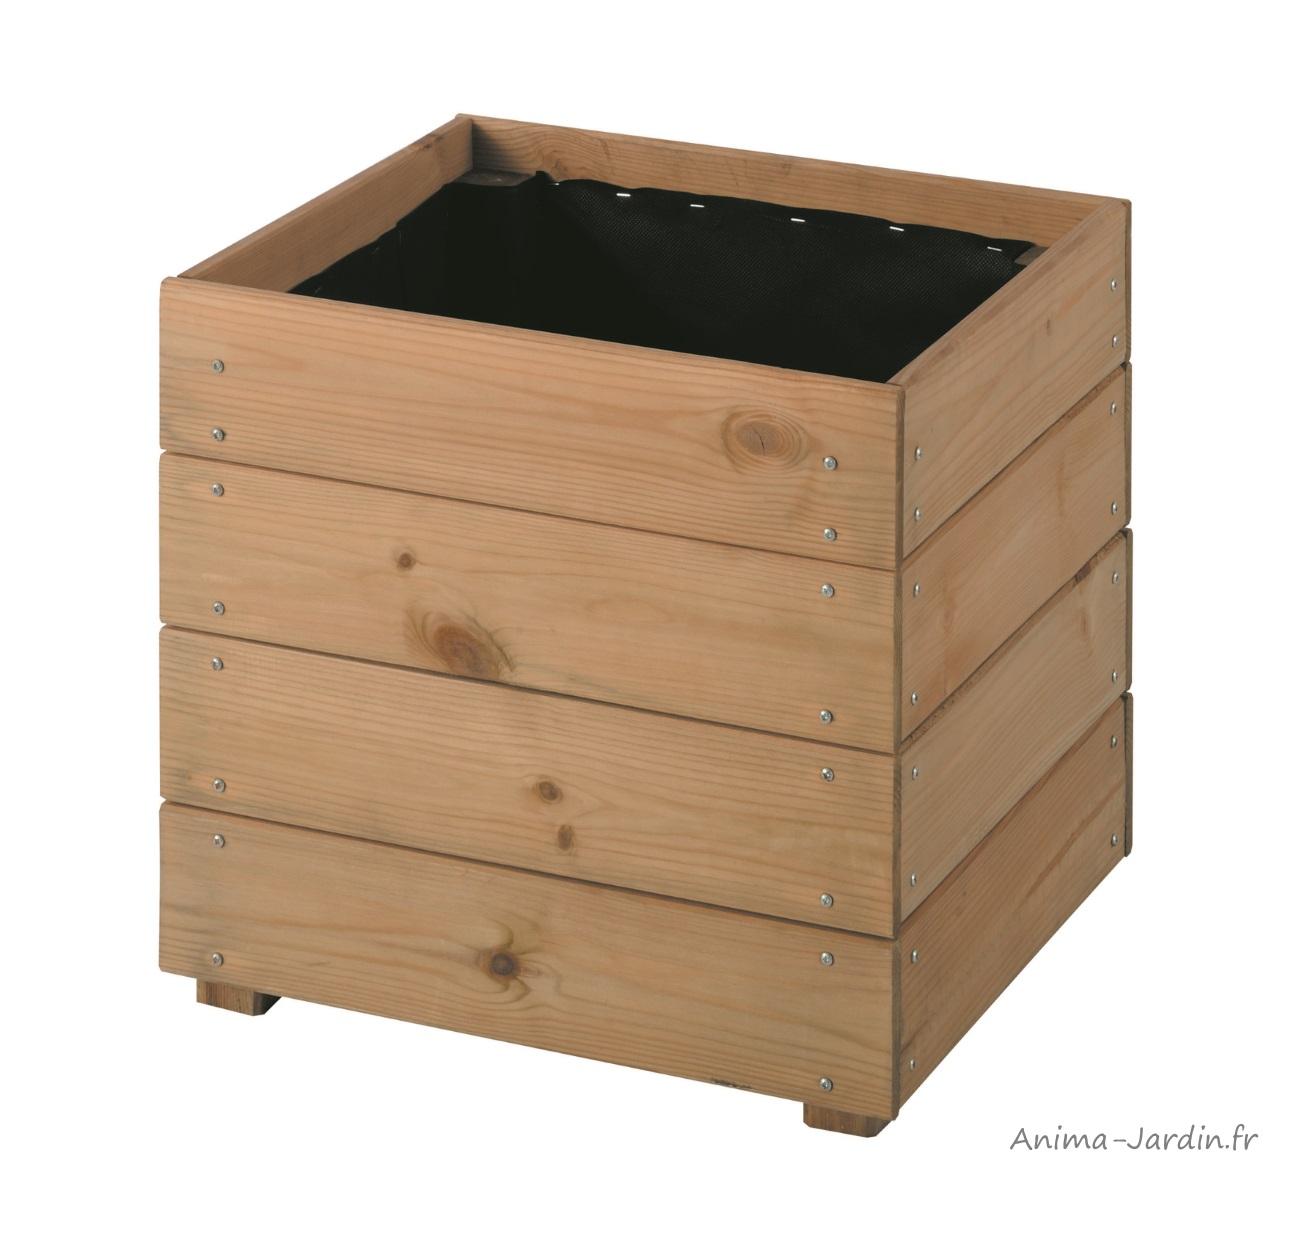 bac carré essencia de 40 cm en bois autoclave, essencia, bac à